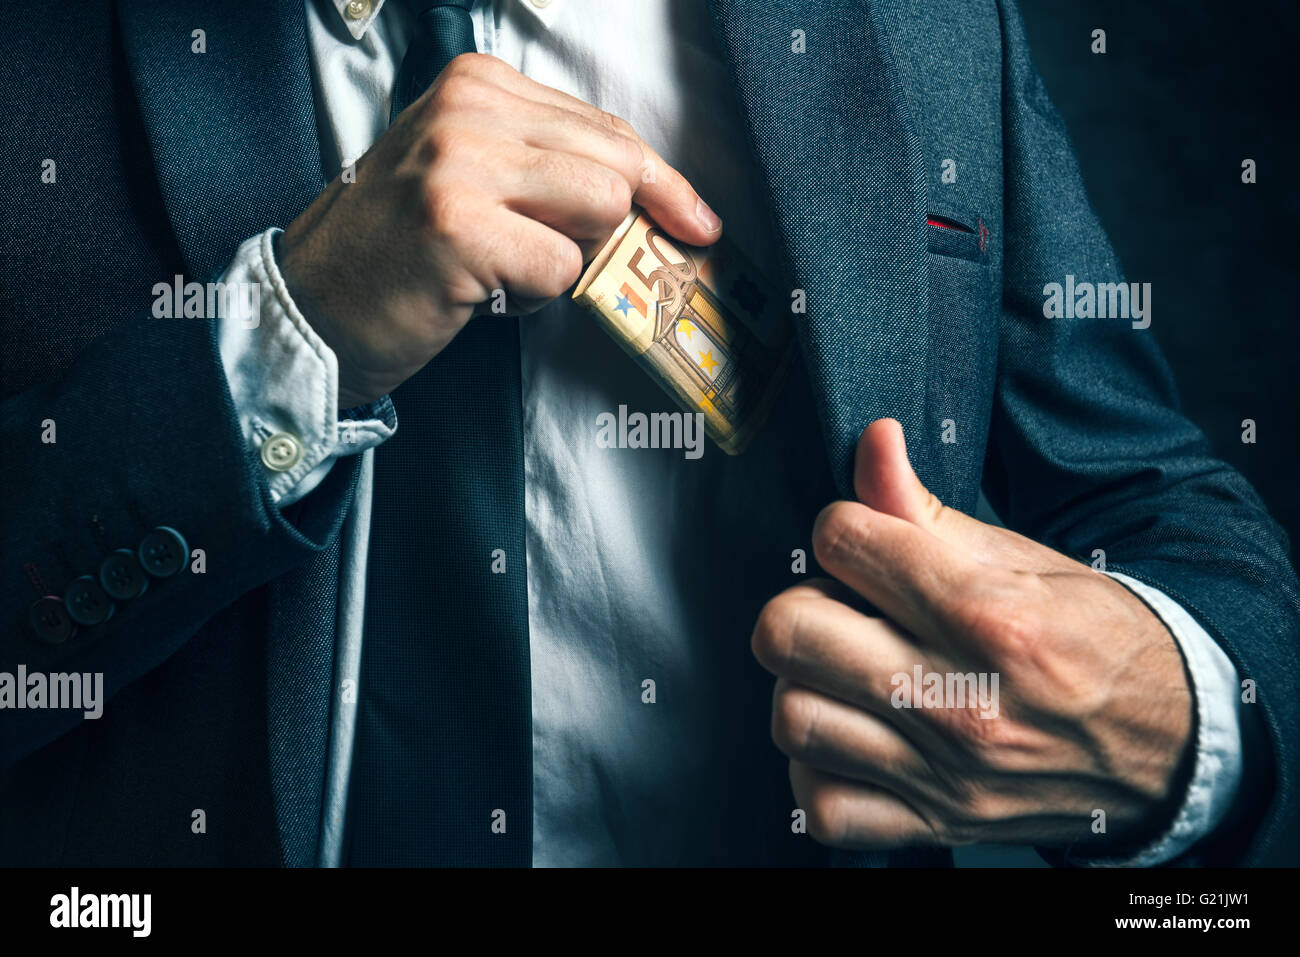 Geld in Tasche, Geschäftsmann, die Euro-Banknoten im Anzug Tasche, Bestechung und Corrupution Konzept setzen. Stockbild